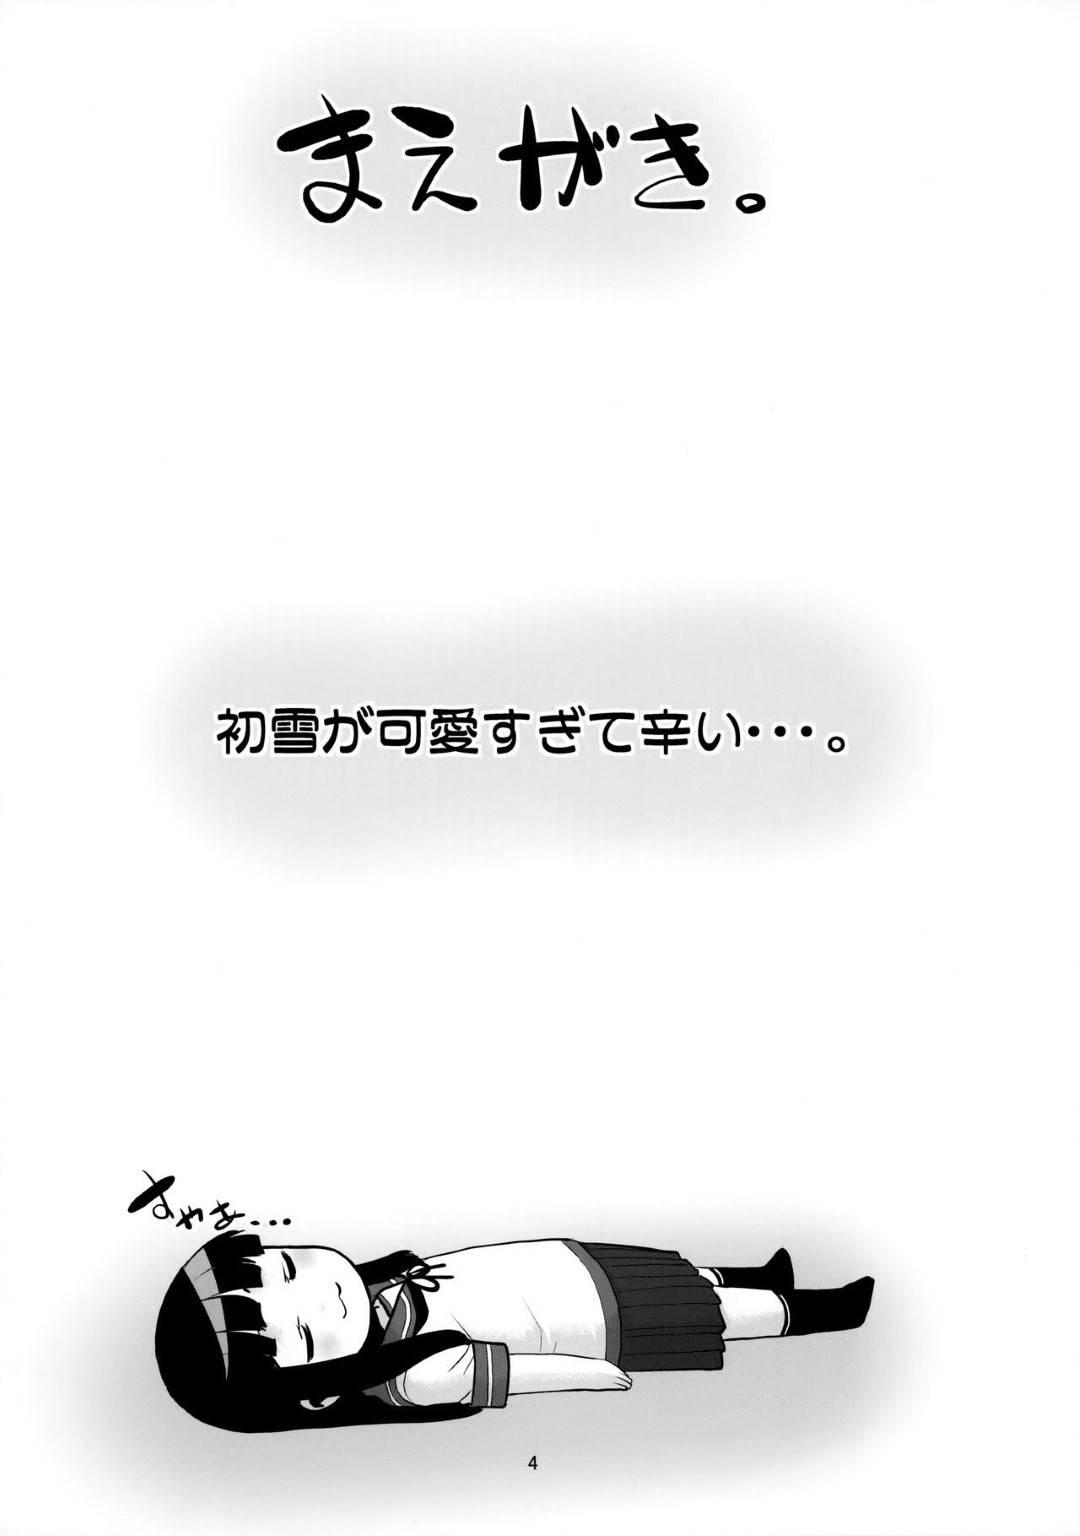 【エロ漫画】みんなが自分を捜索中、布団をかぶってオナニーしていた初雪…それを見つけた提督を押し倒してエッチを迫りイチャラブ生ハメ中出しセックスしてザーメンまみれ絶頂【猫玄:初雪さんは布団から出ない!】